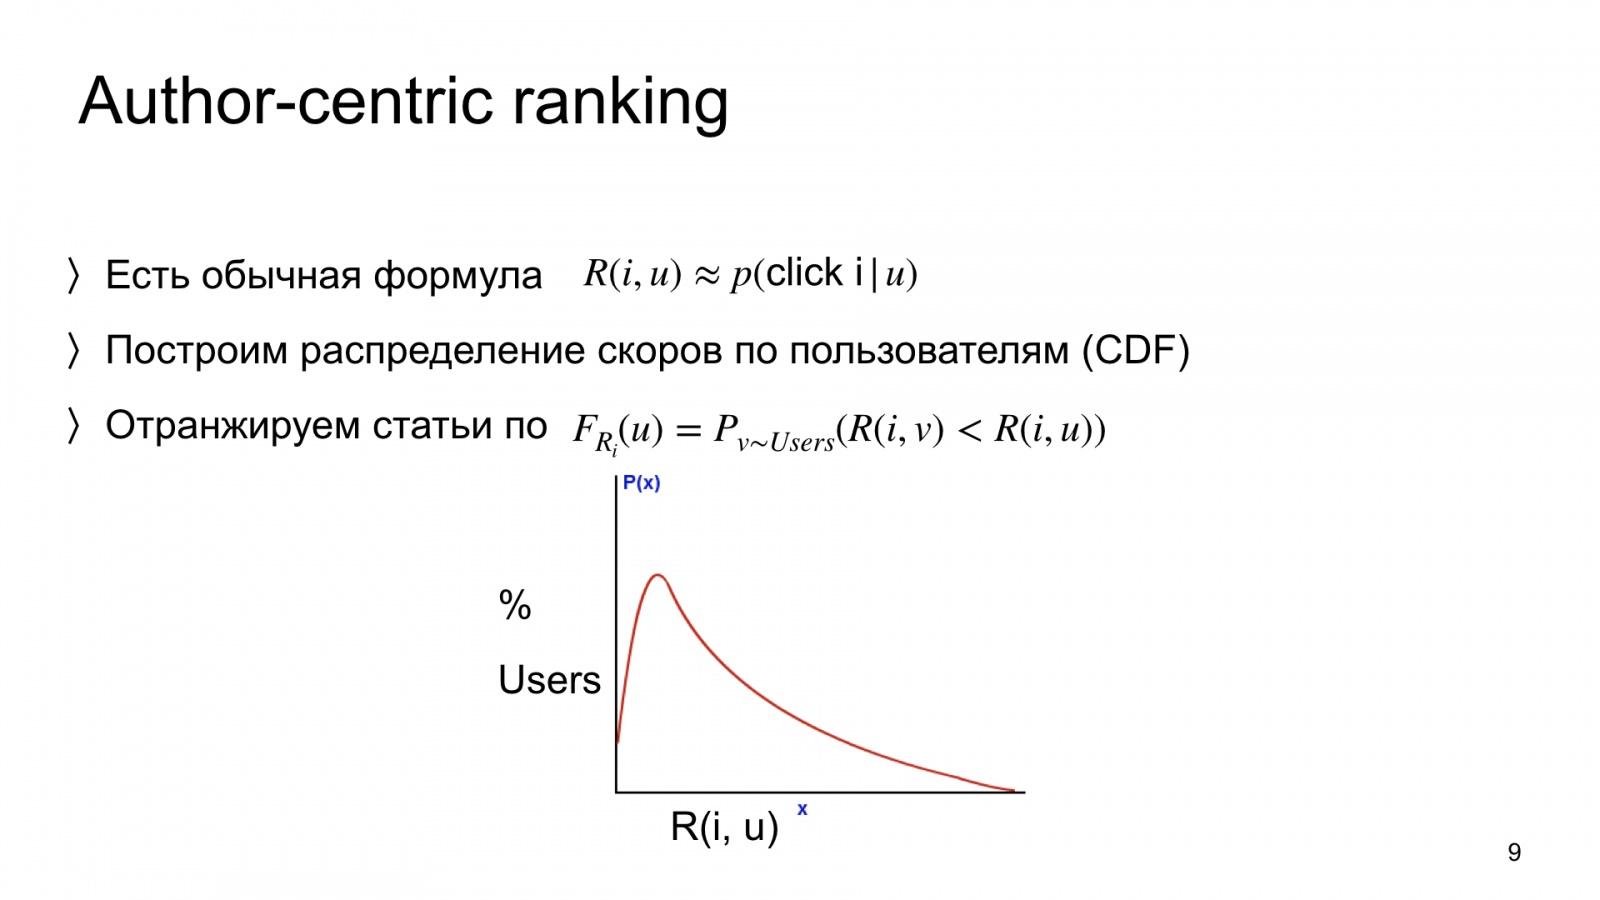 Автороцентричное ранжирование. Доклад Яндекса о поиске релевантной аудитории для авторов Дзена - 9